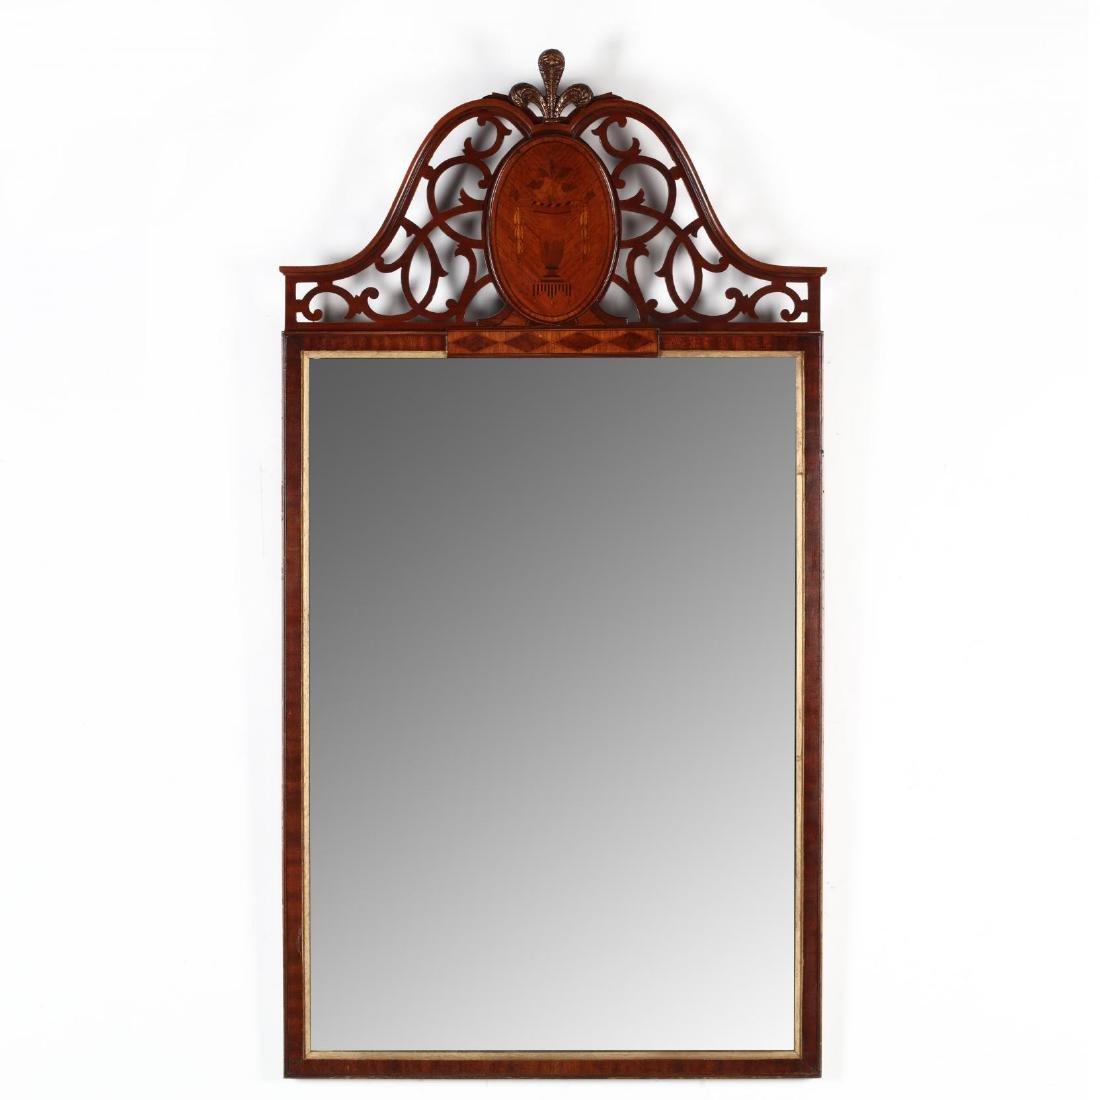 A Vintage Inlaid Mahogany Wall Mirror